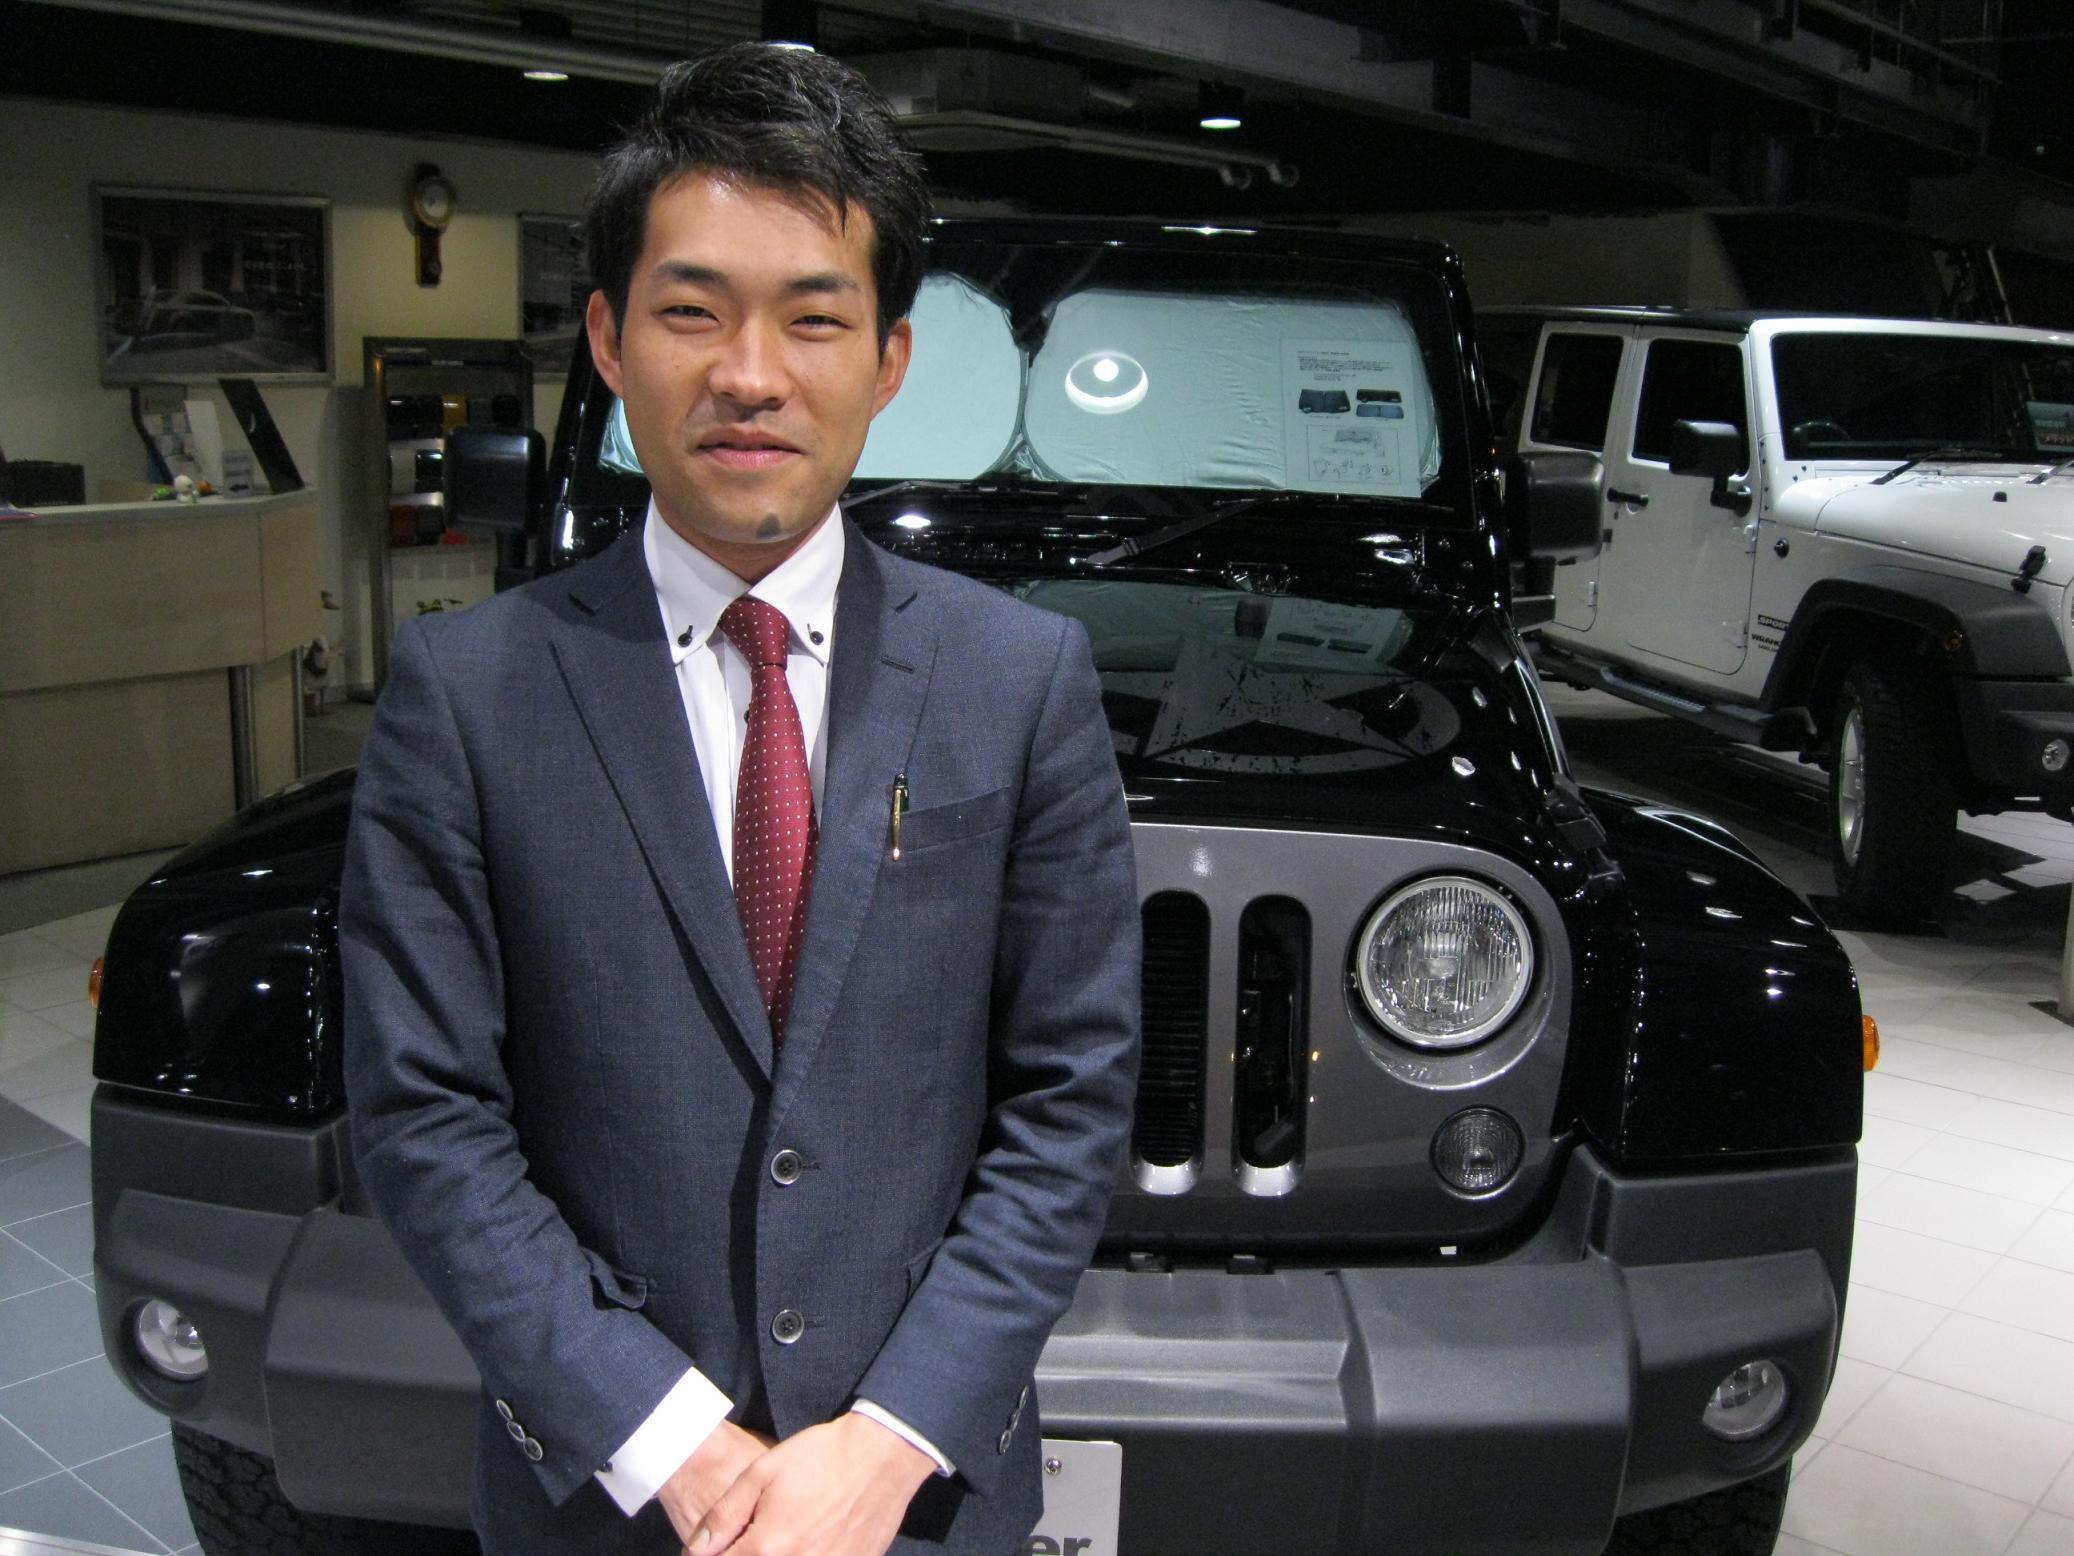 セールスマネージャー(きよぴー) 清宮 大輔